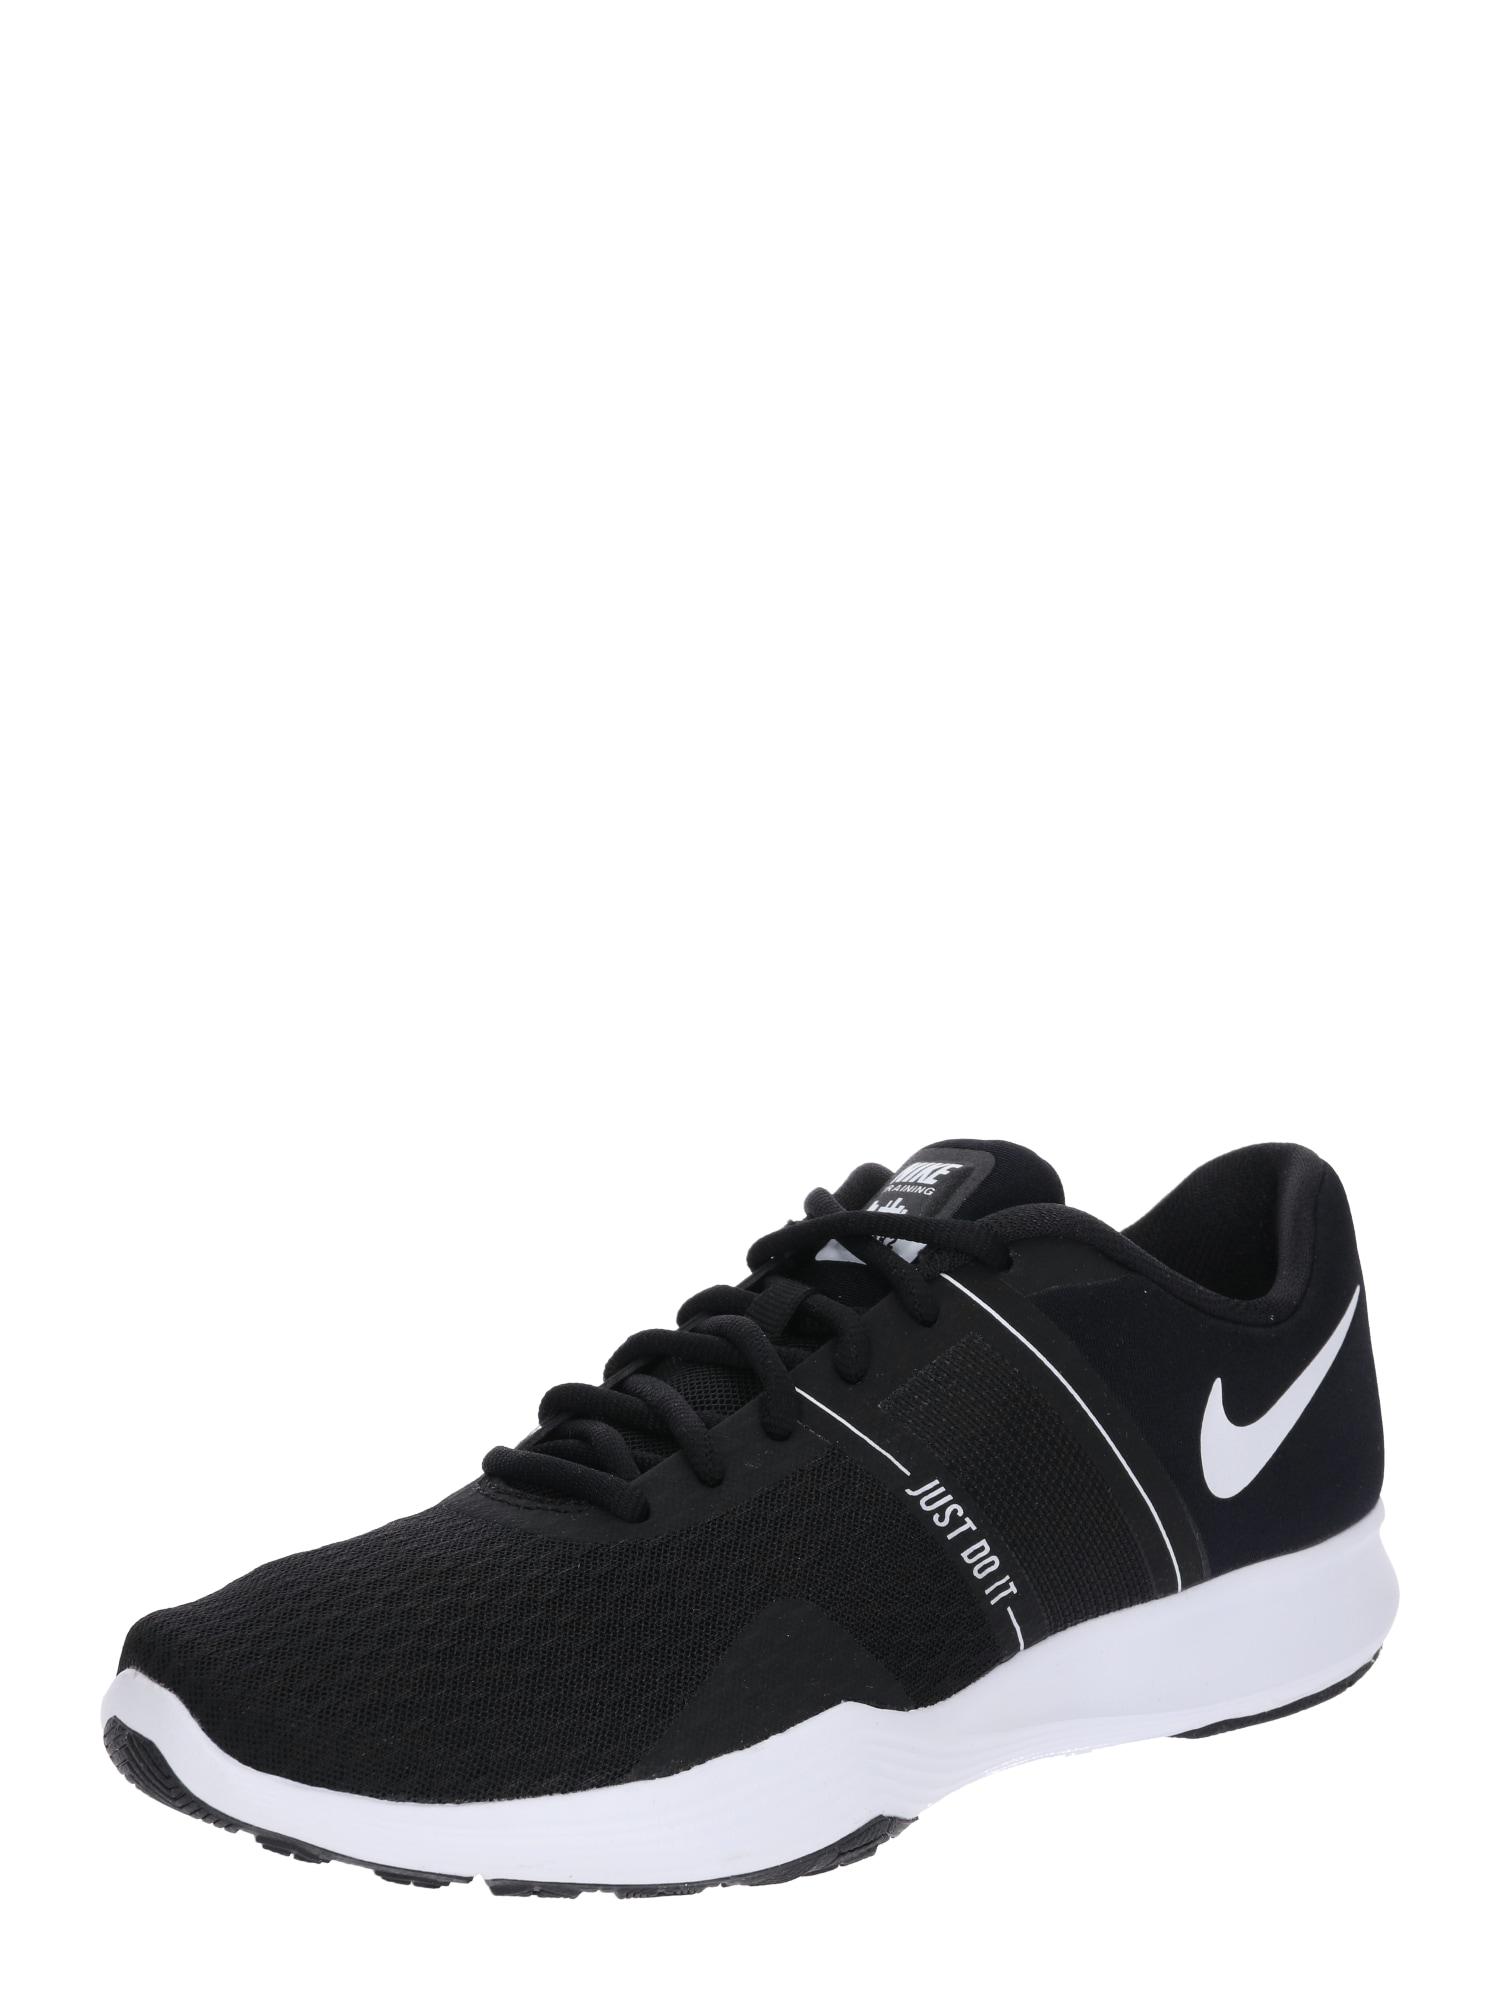 Sportovní boty City Trainer 2 černá bílá NIKE